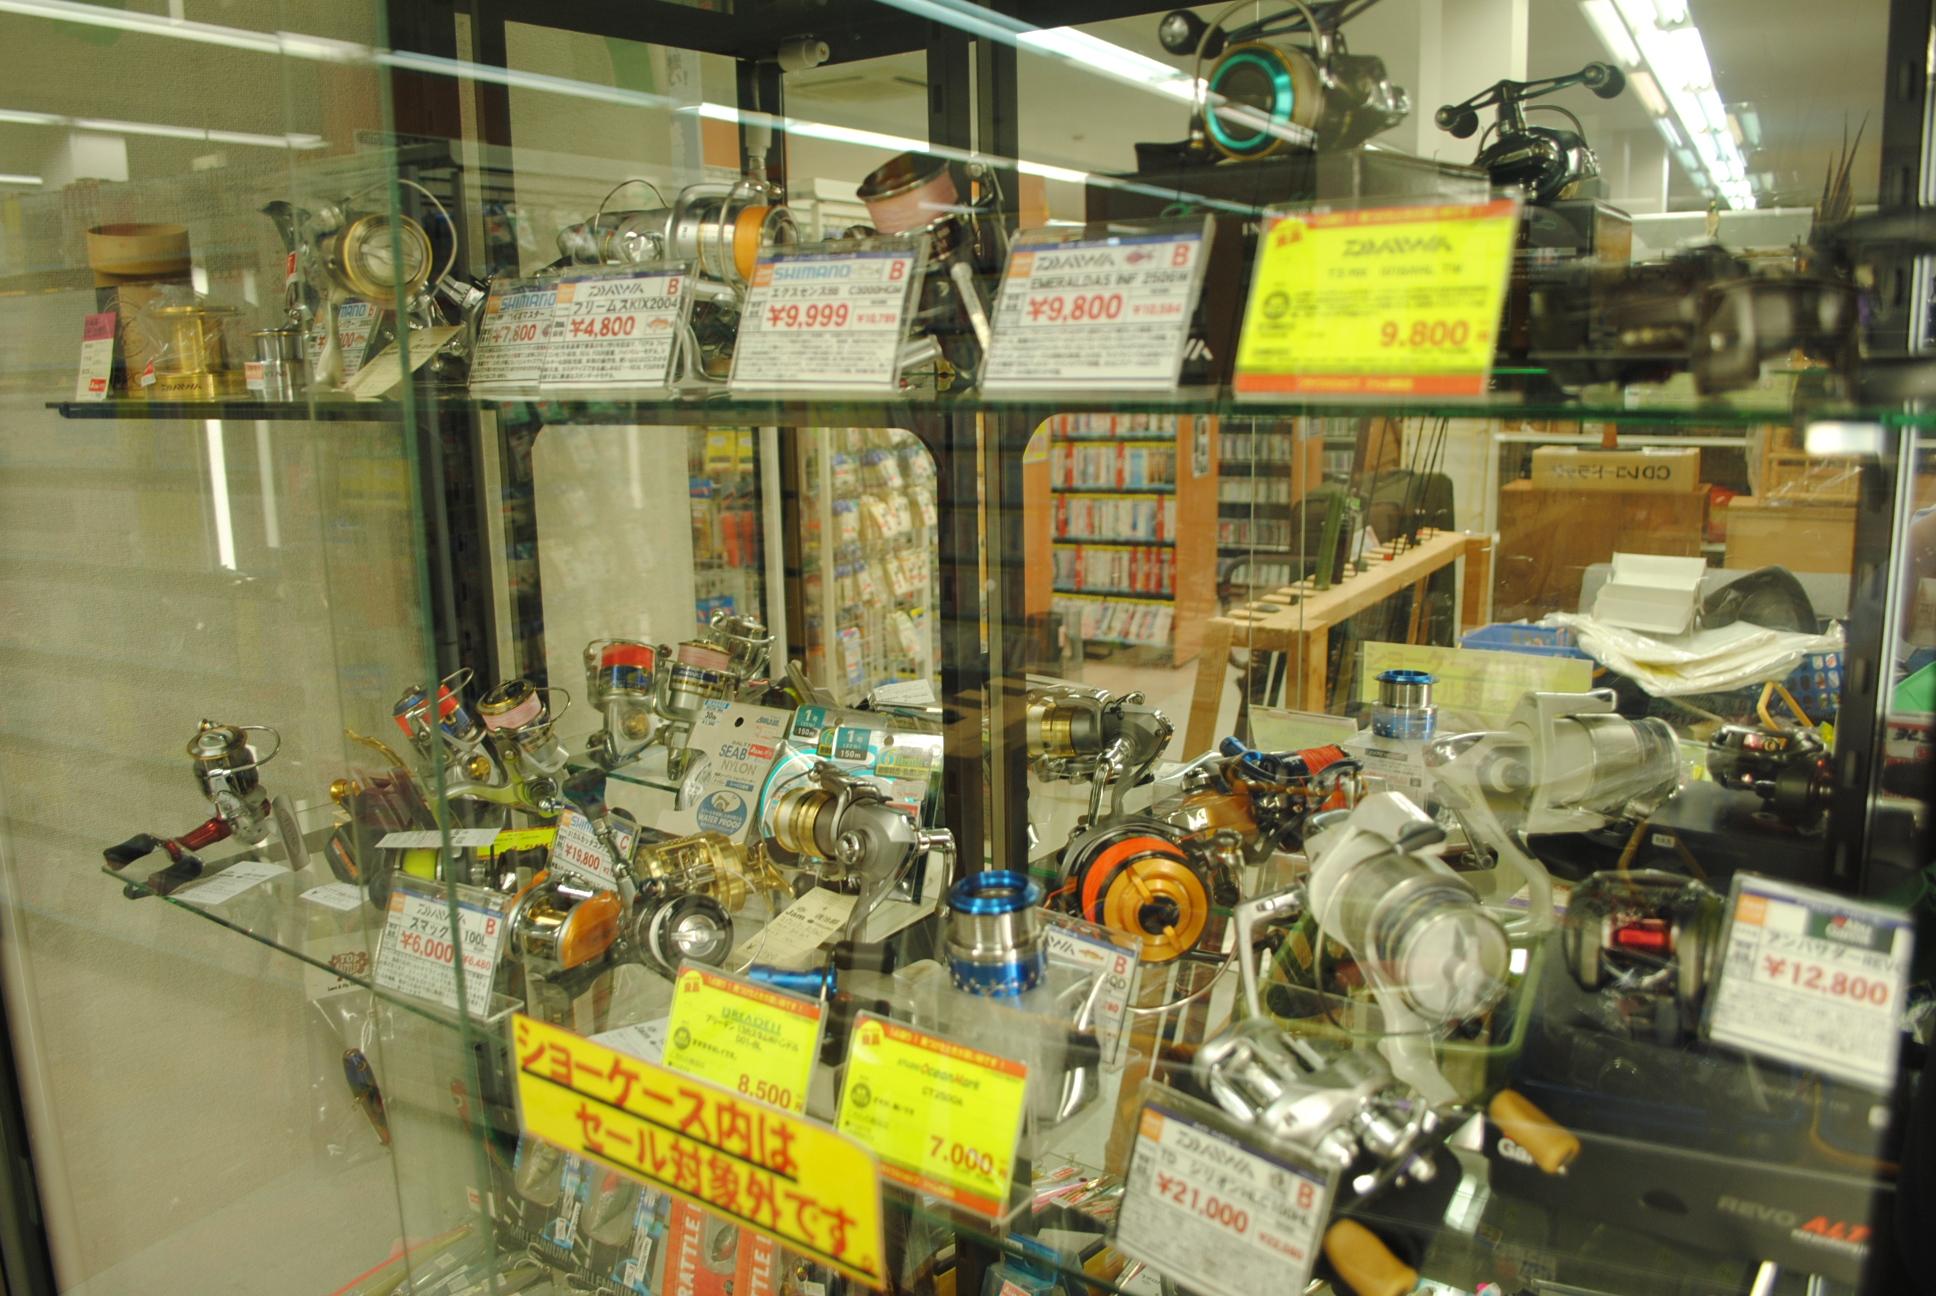 7f4ed93f989a リサイクルショップジャム鳥取店では釣具の買取を強化しています!! 買い替えで、出番が少なくなったリールやロッド・竿をお売りください。